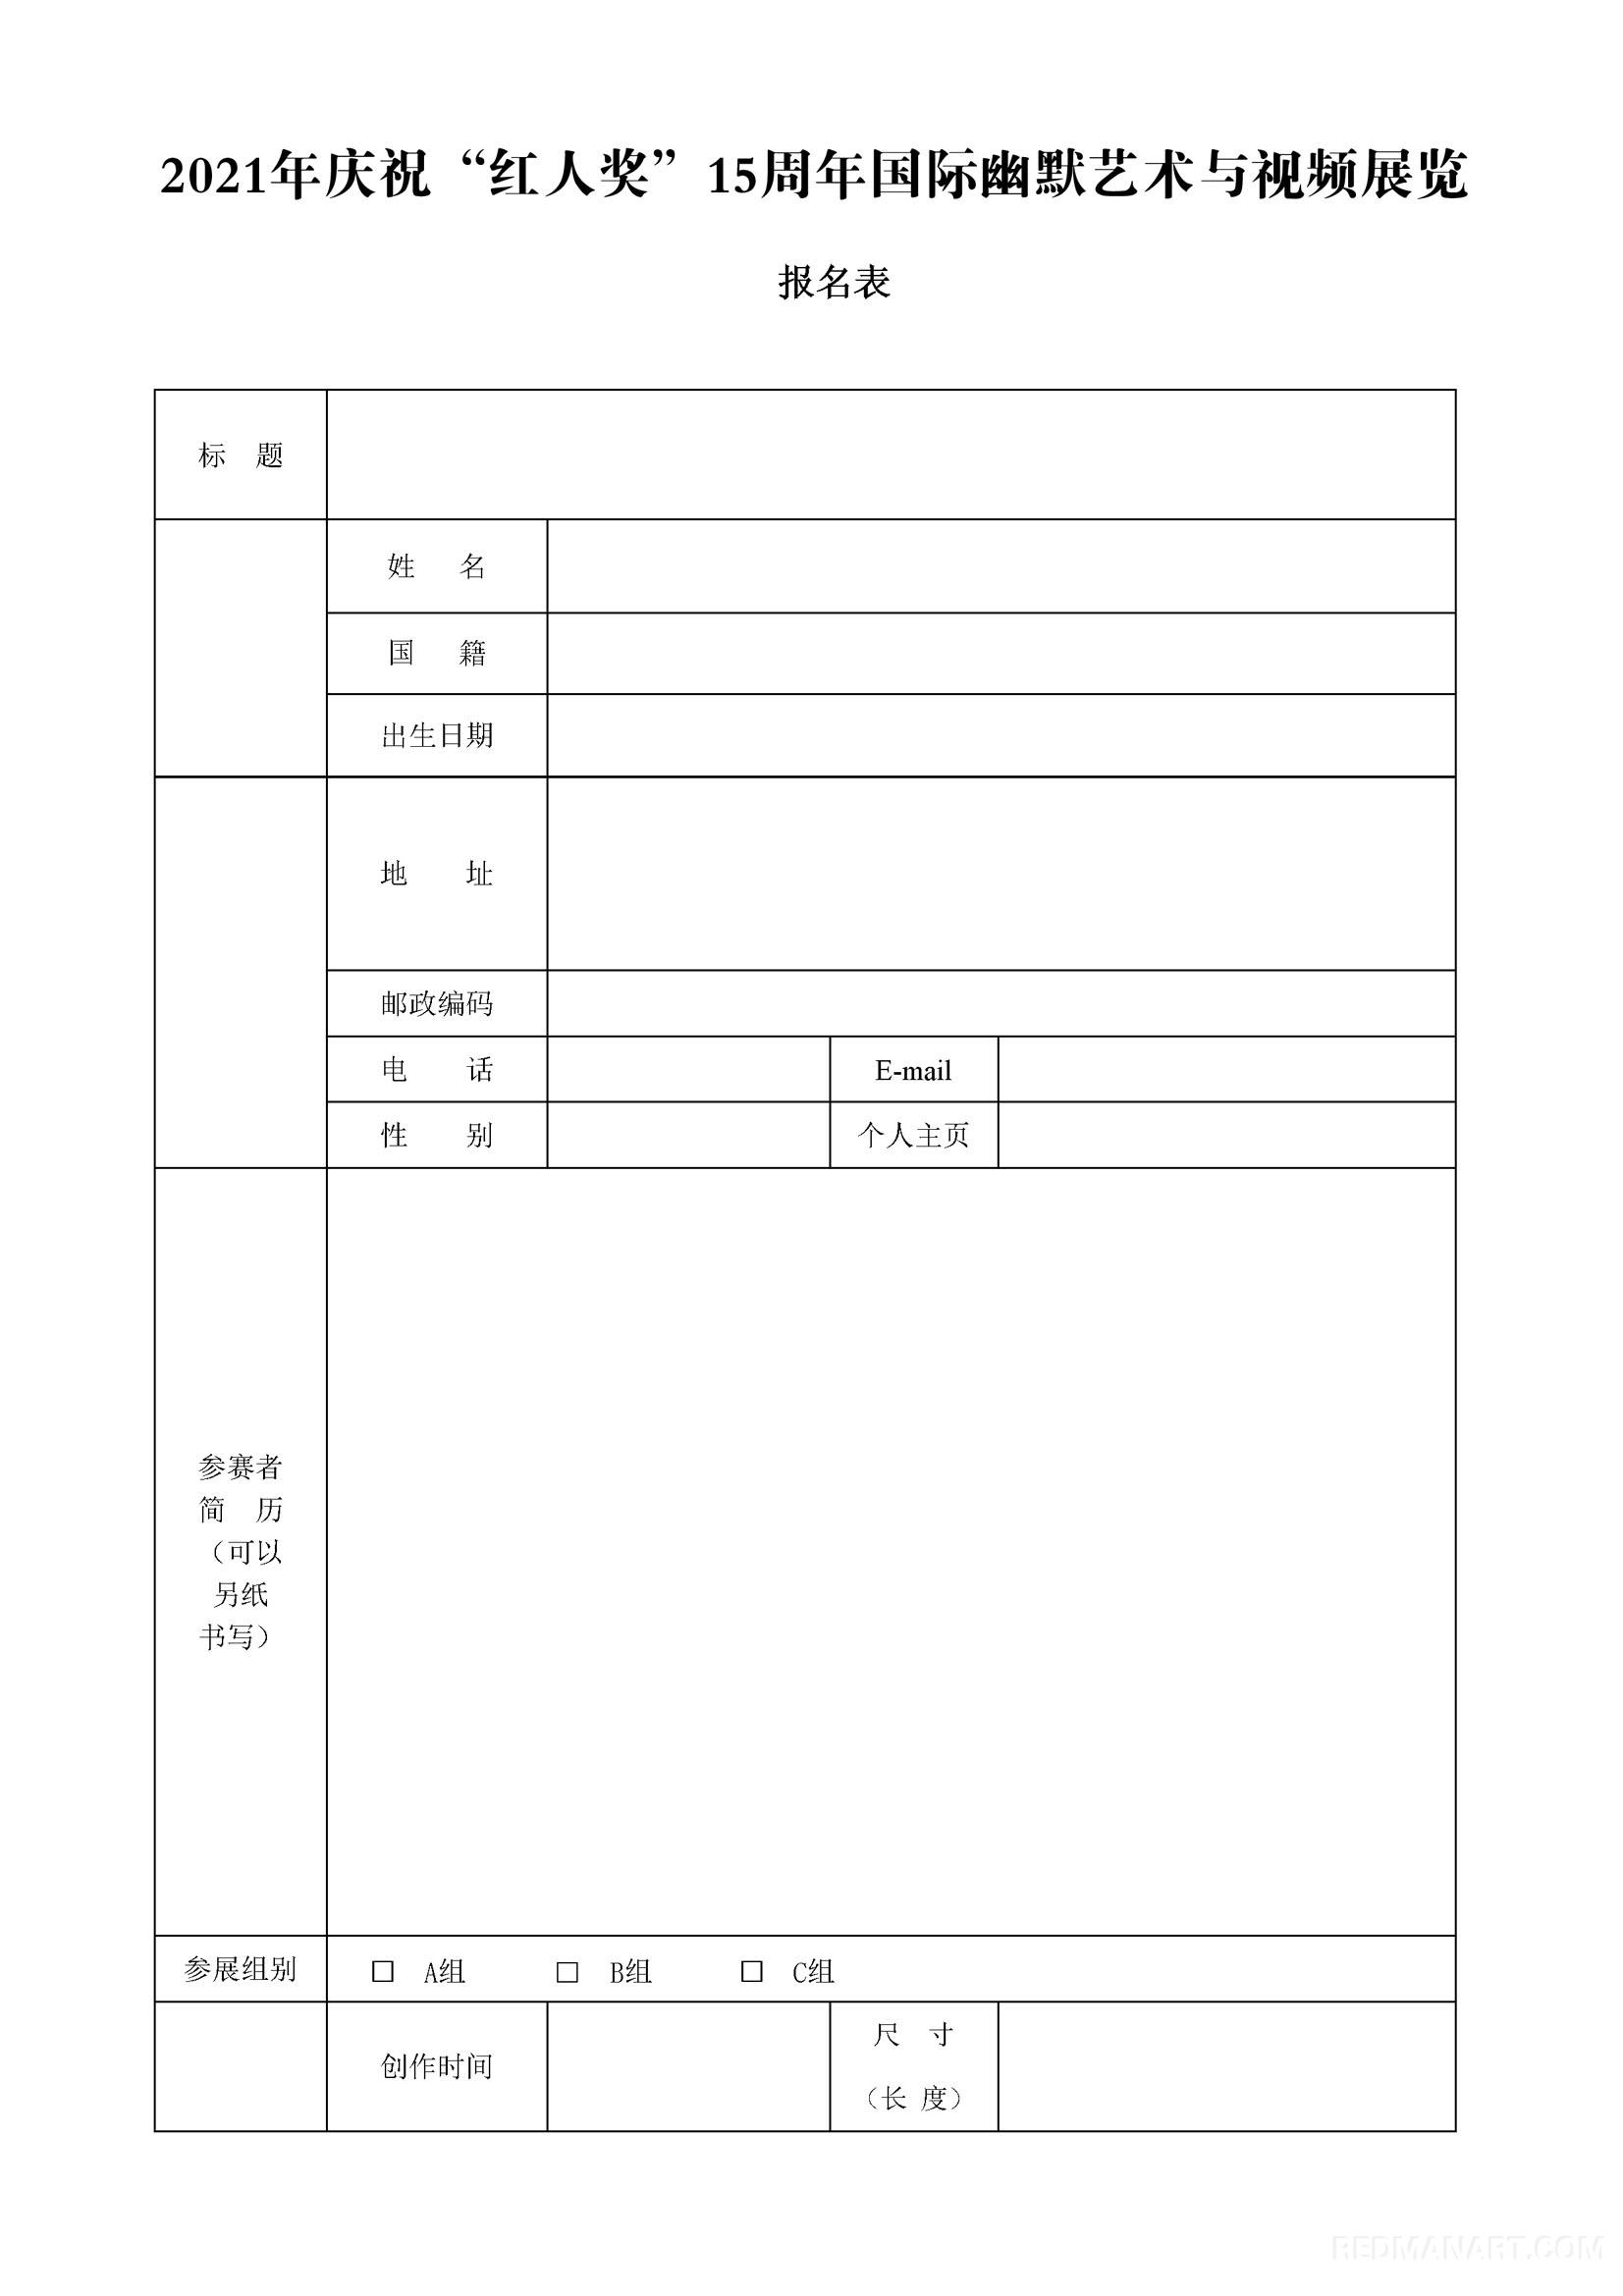 报名表1.jpg